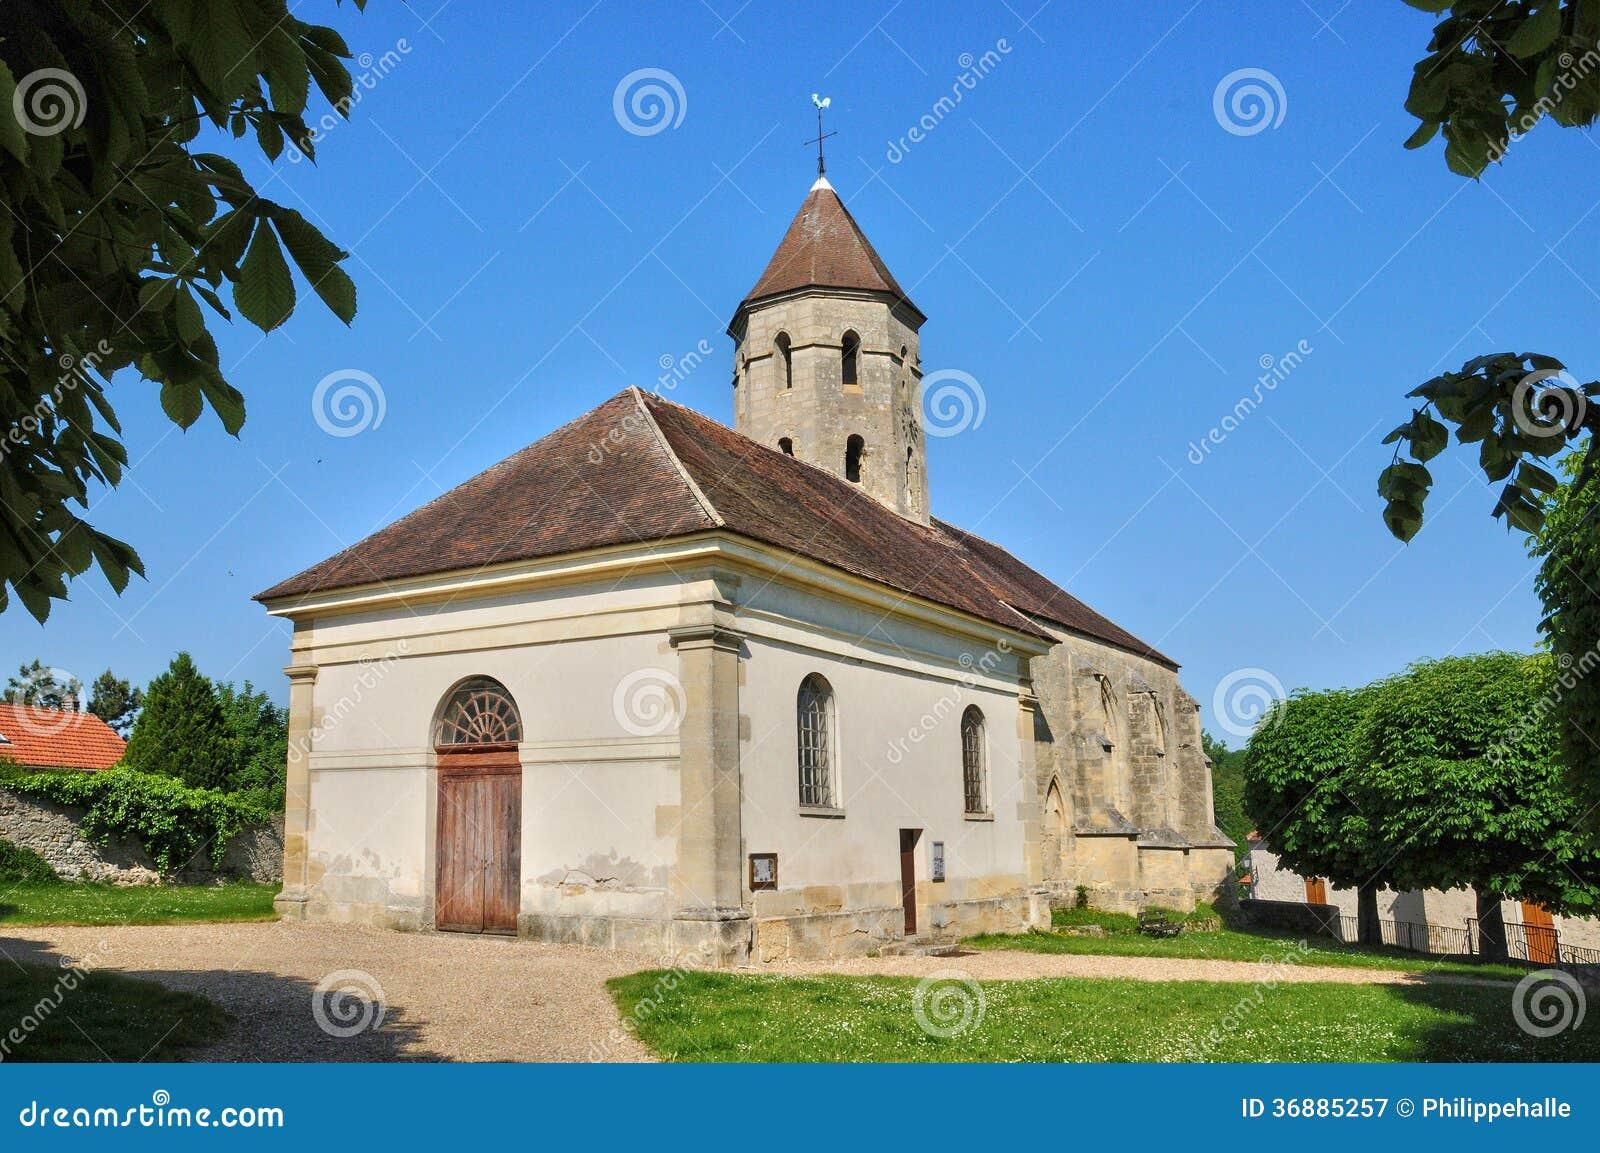 Download La Francia, Il Villaggio Di Condecourt In Val D Oise Immagine Stock - Immagine di esterno, france: 36885257